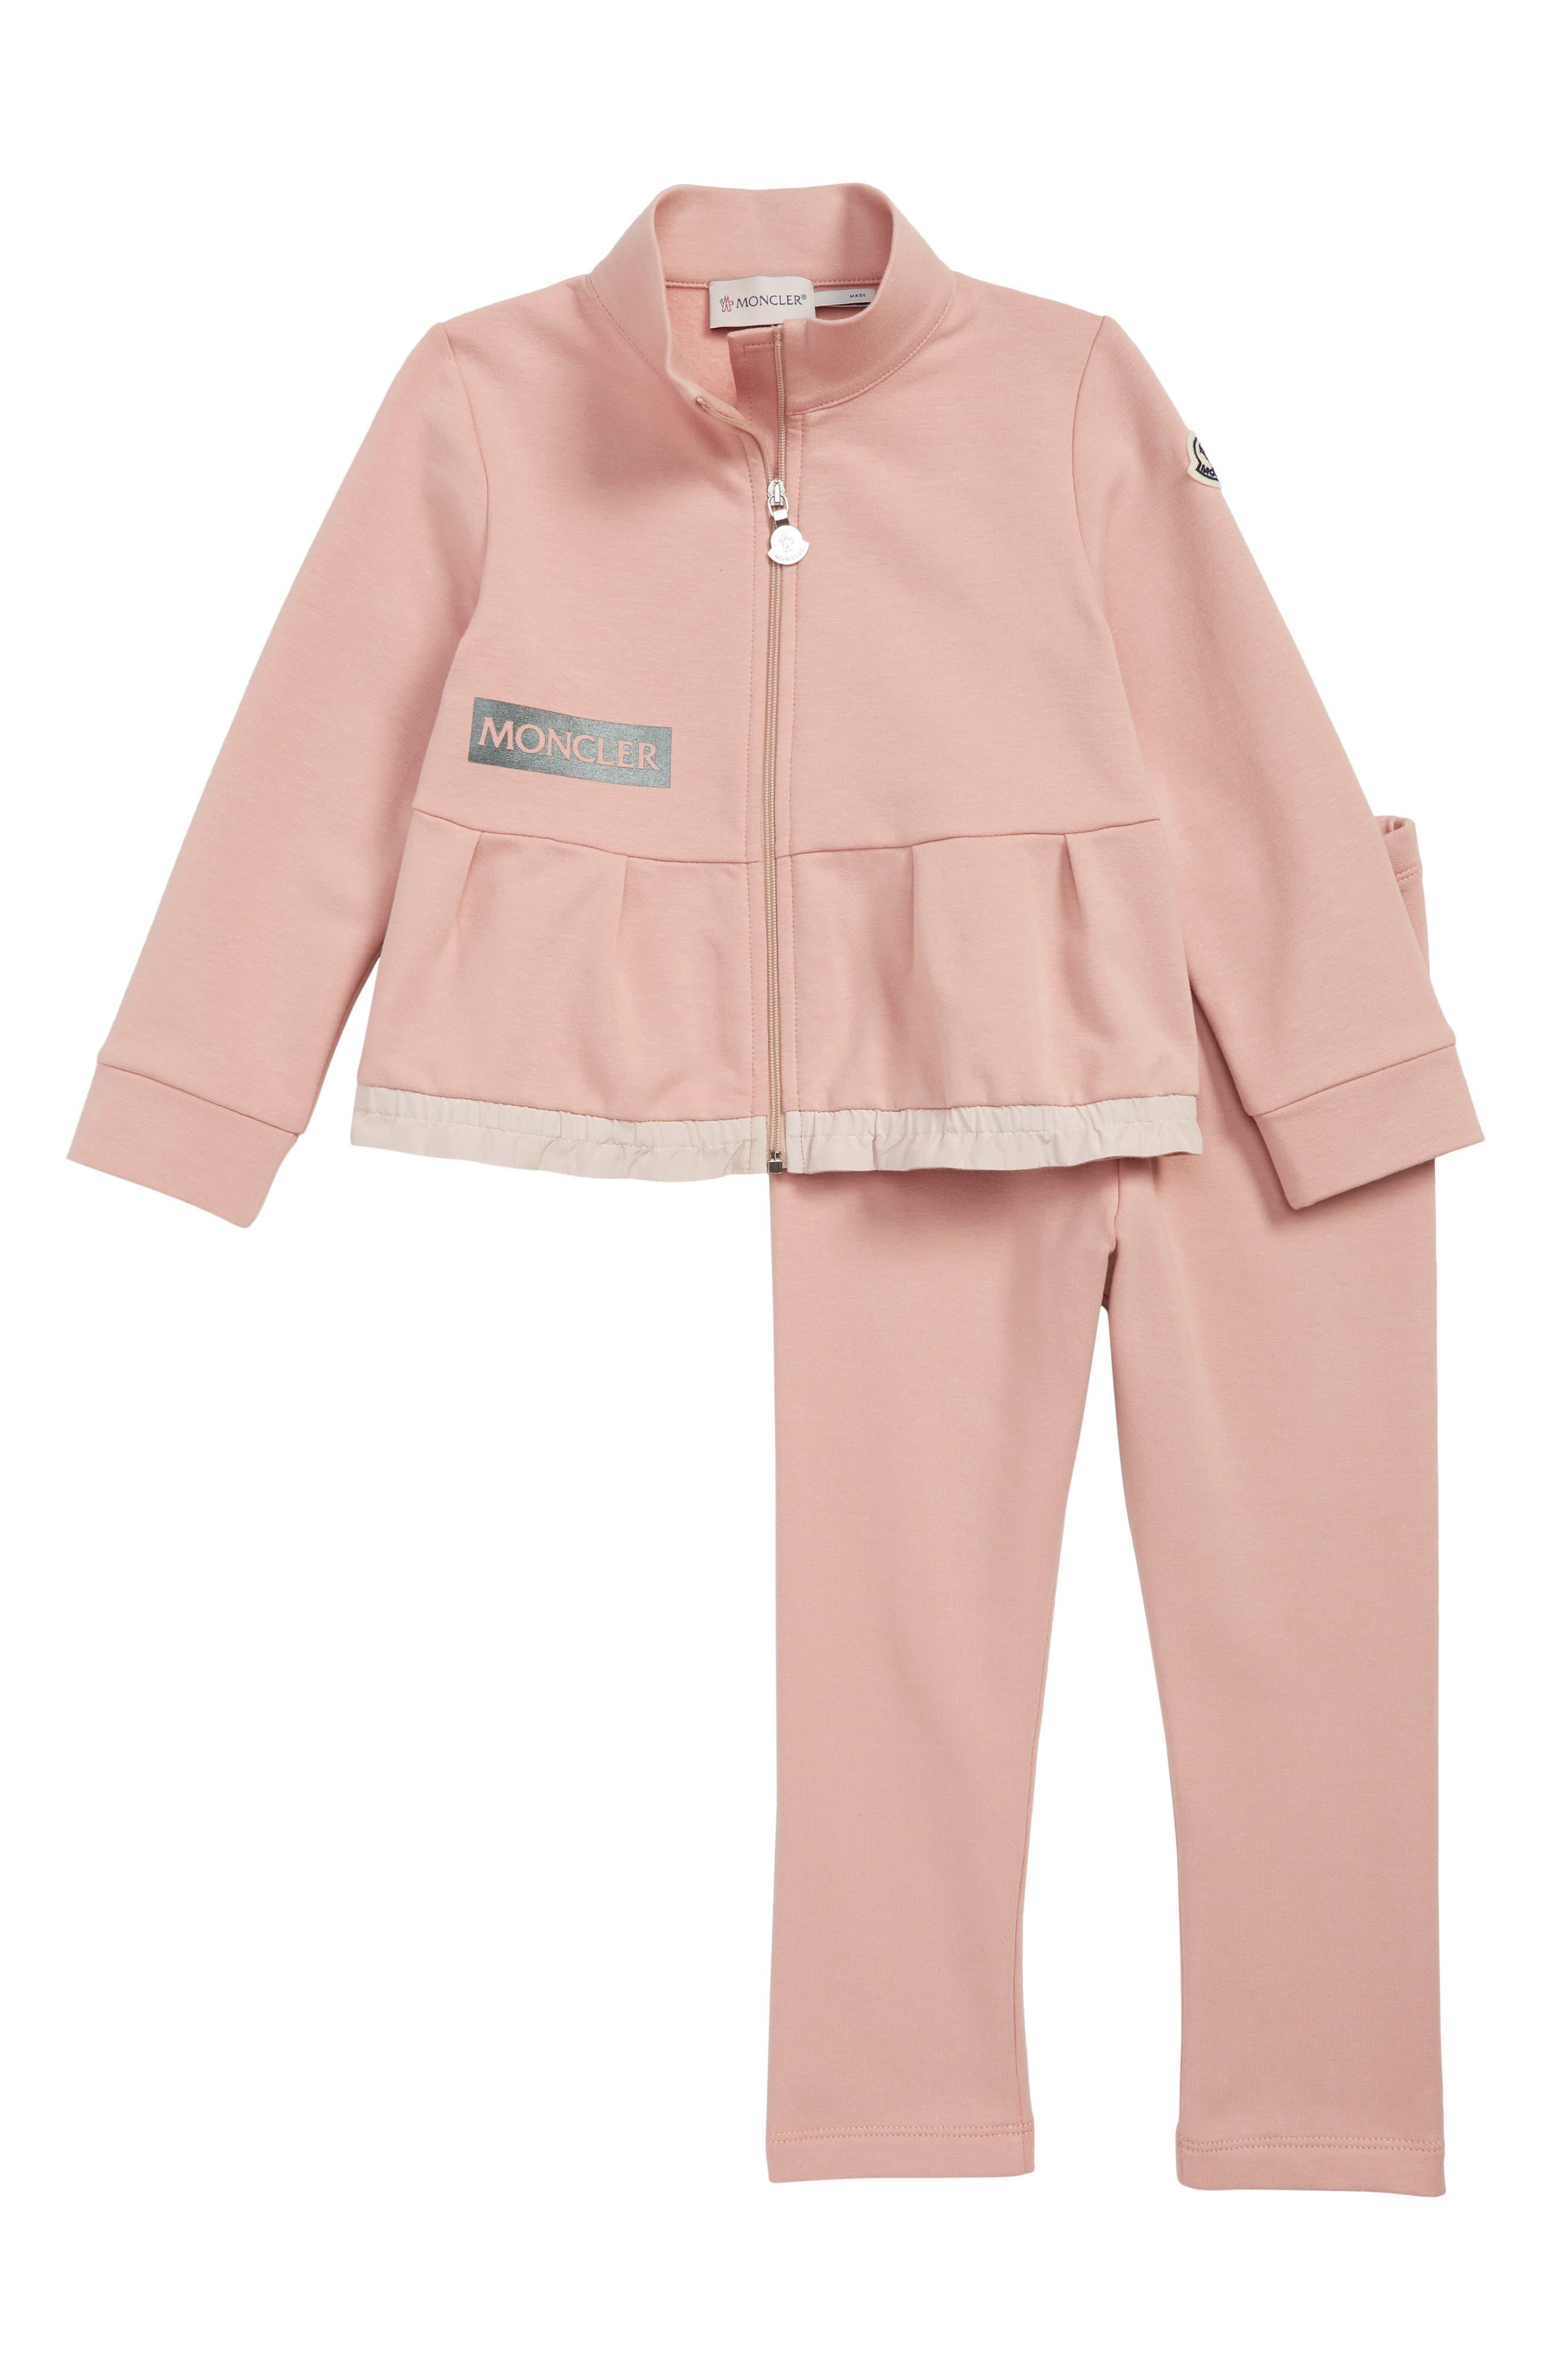 Toddler Girls Moncler Peplum Jacket  Leggings Set